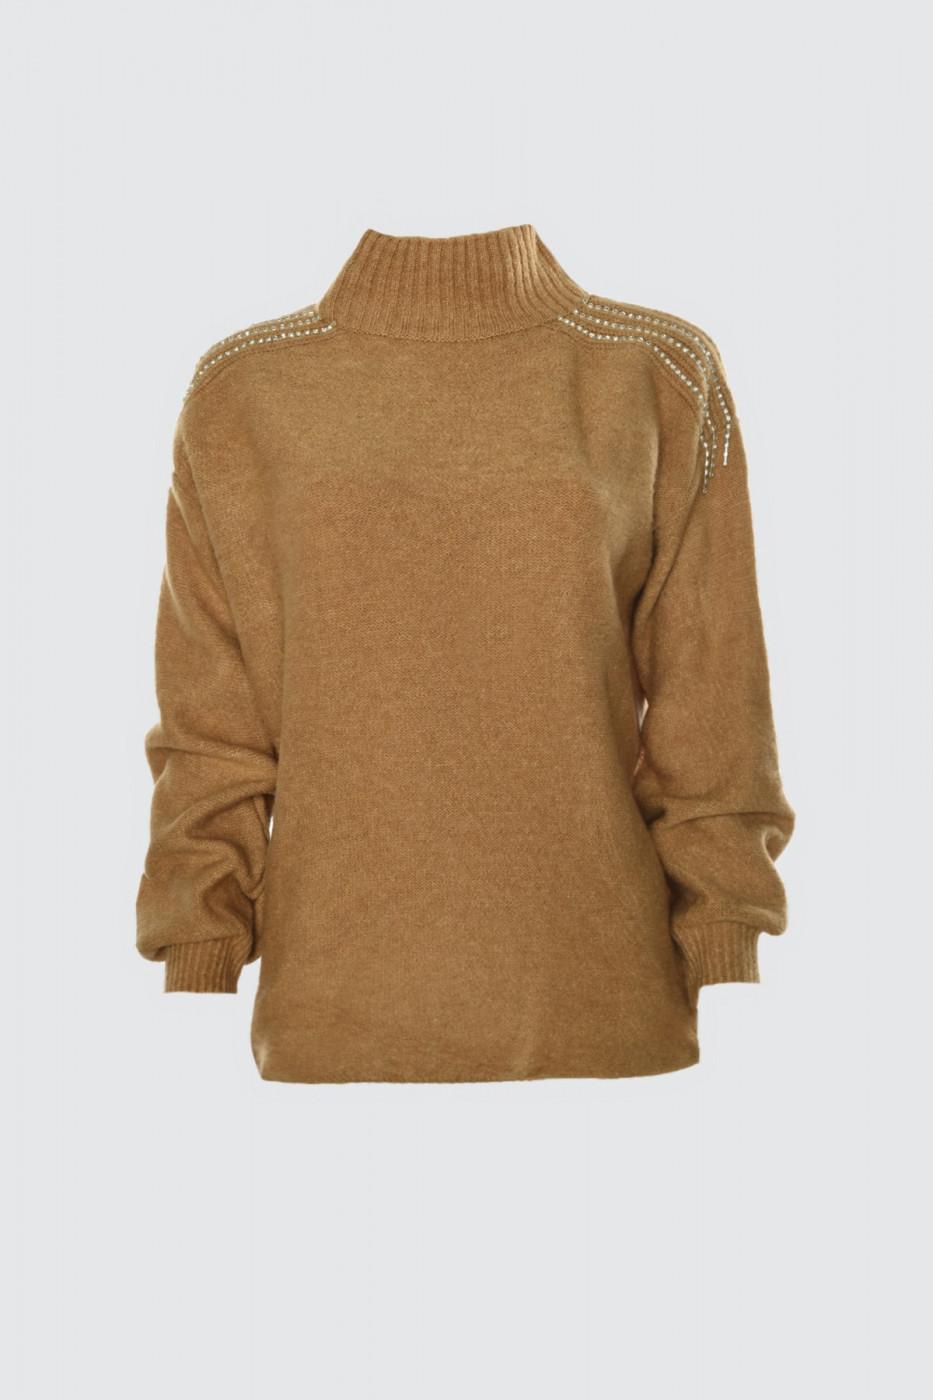 Trendyol Camel Accessory Detailed Knitwear Sweater